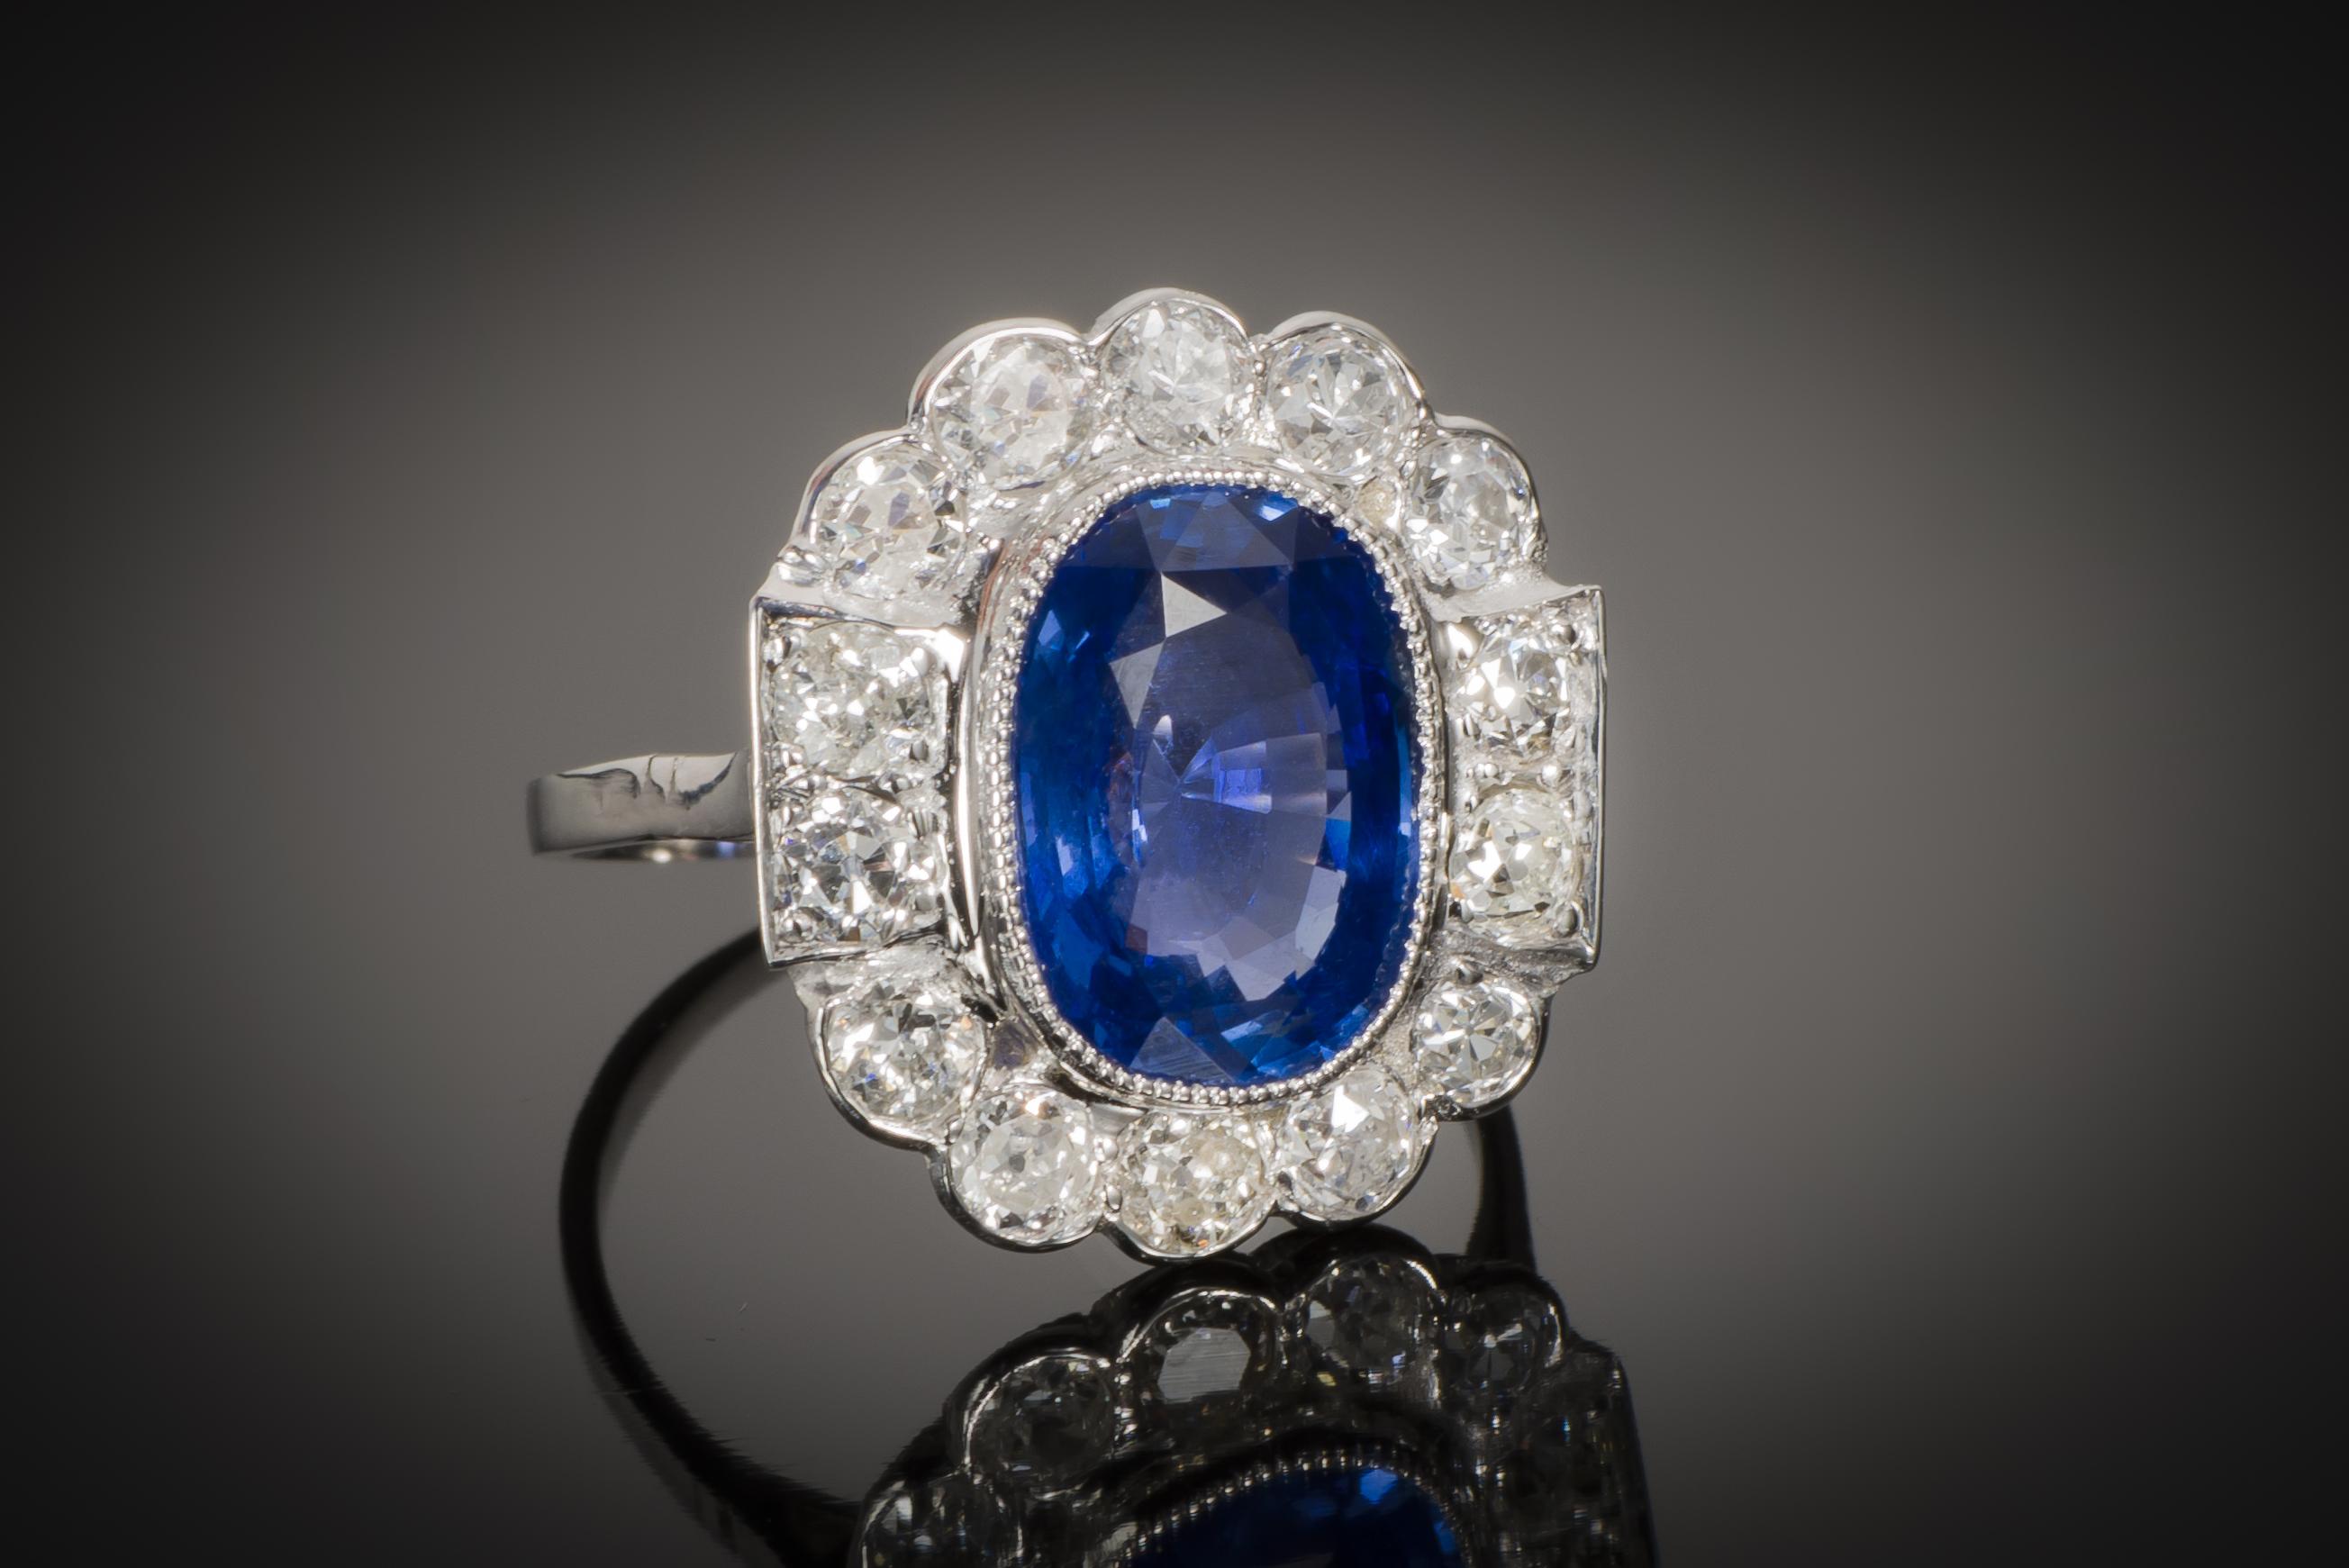 Bague Art Déco saphir naturel bleu intense (3,92 carats, certificat CGL) diamants-1